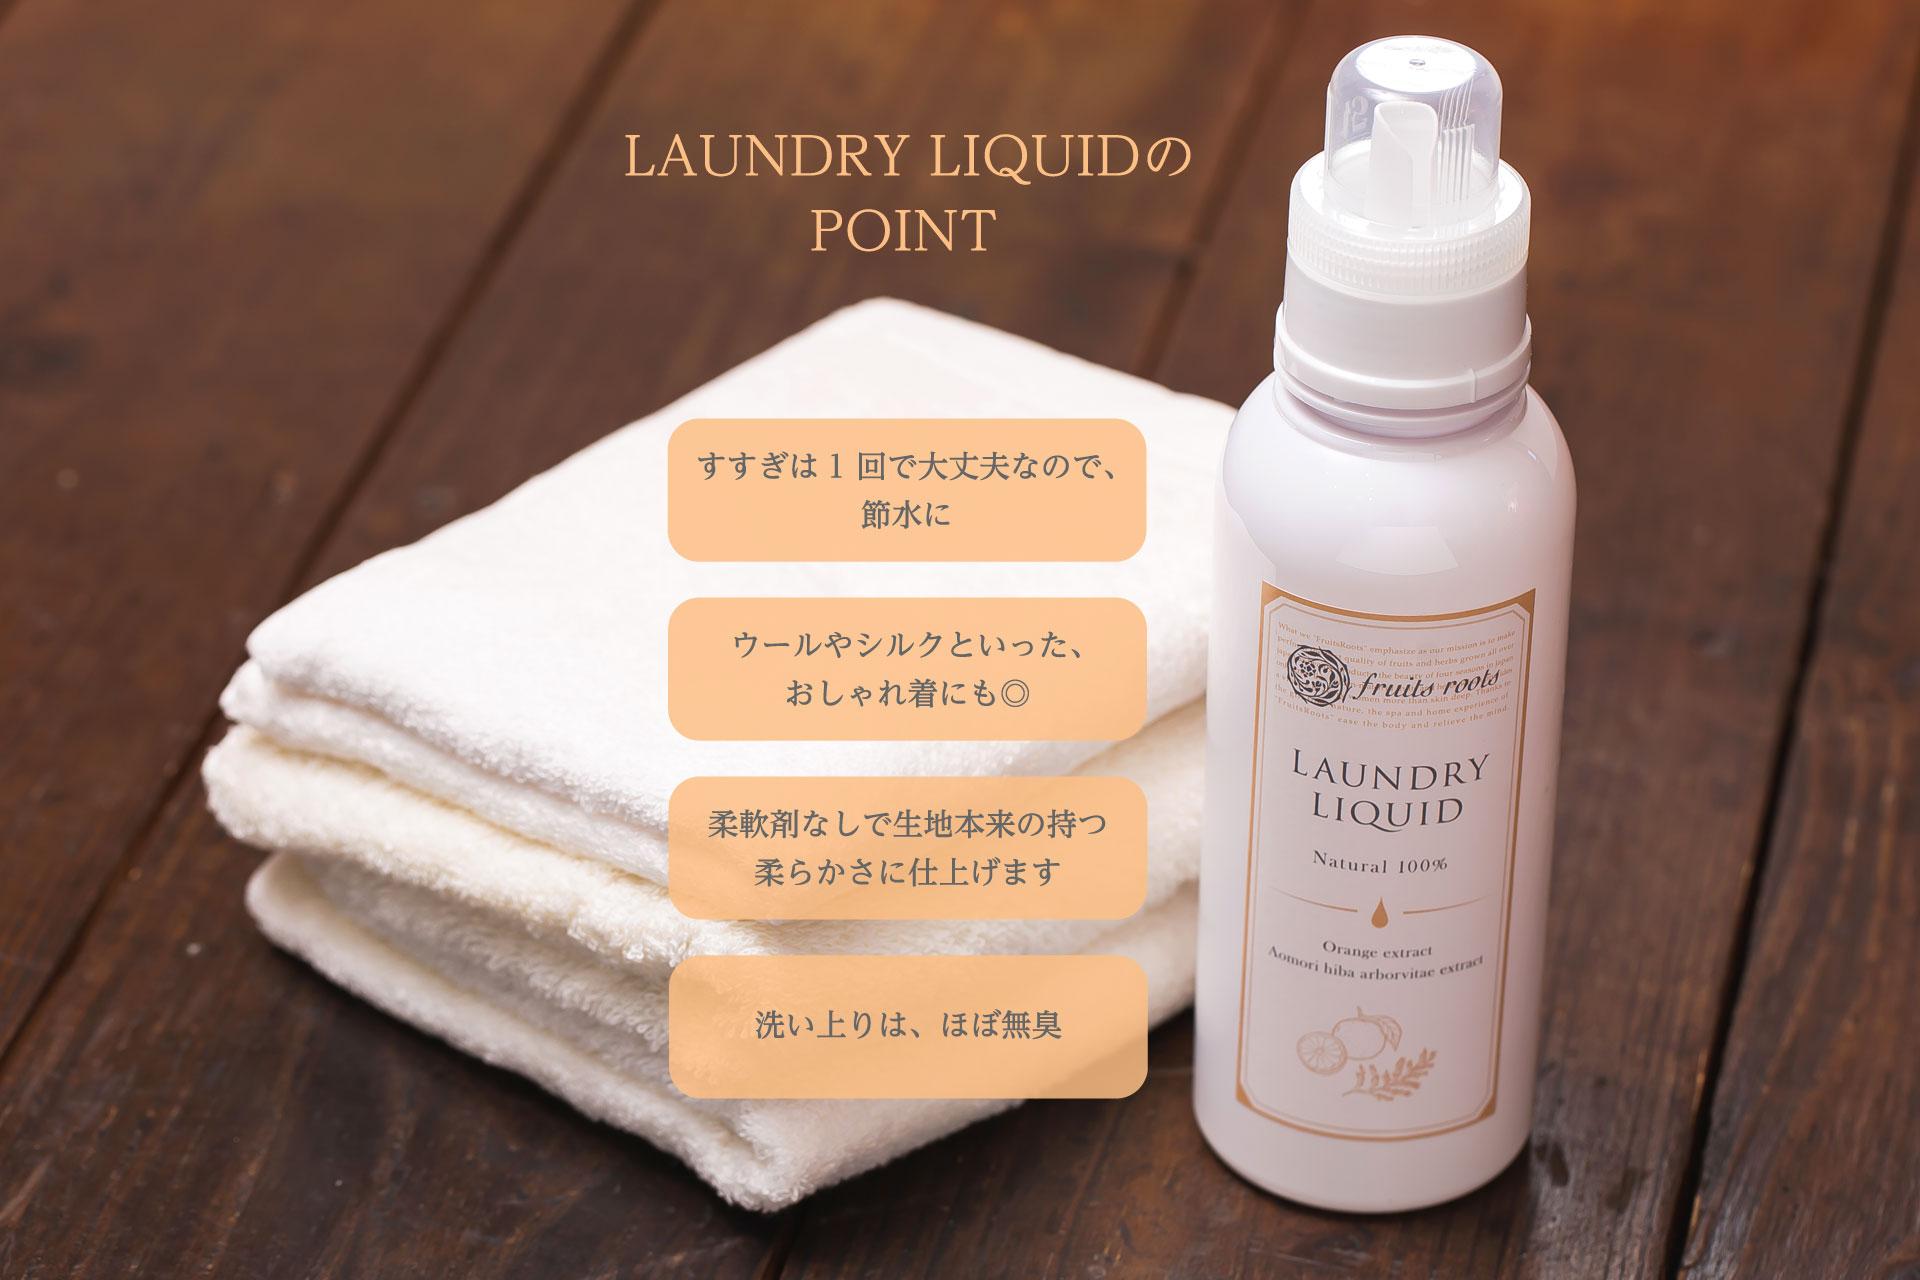 LAUNDRY LIQUIDのPOINT すすぎは1回で大丈夫なので、節水に ウールやシルクといったおしゃれ着にも◎ 柔軟剤なしで生地本来の持つ柔らかさに仕上げます 洗い上りは、ほぼ無臭